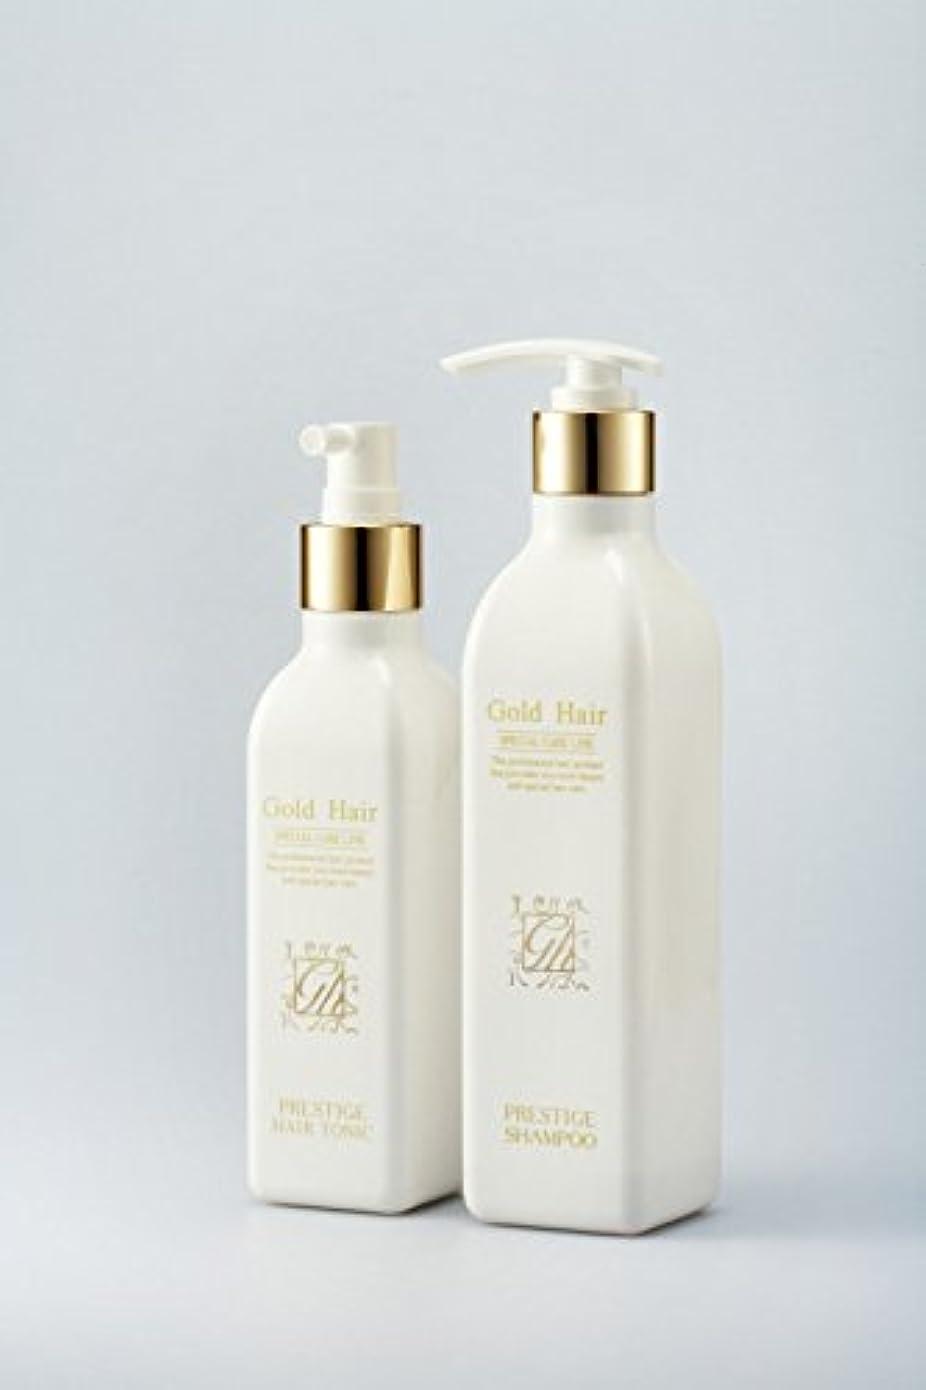 速記蒸留大統領ゴールドヘア育毛シャンプー&トニック 漢方シャンプー /Herbal Hair Loss Fast Regrowth Gold Hair Loss Shampoox1ea & Gold Hair Oriental Herbal...